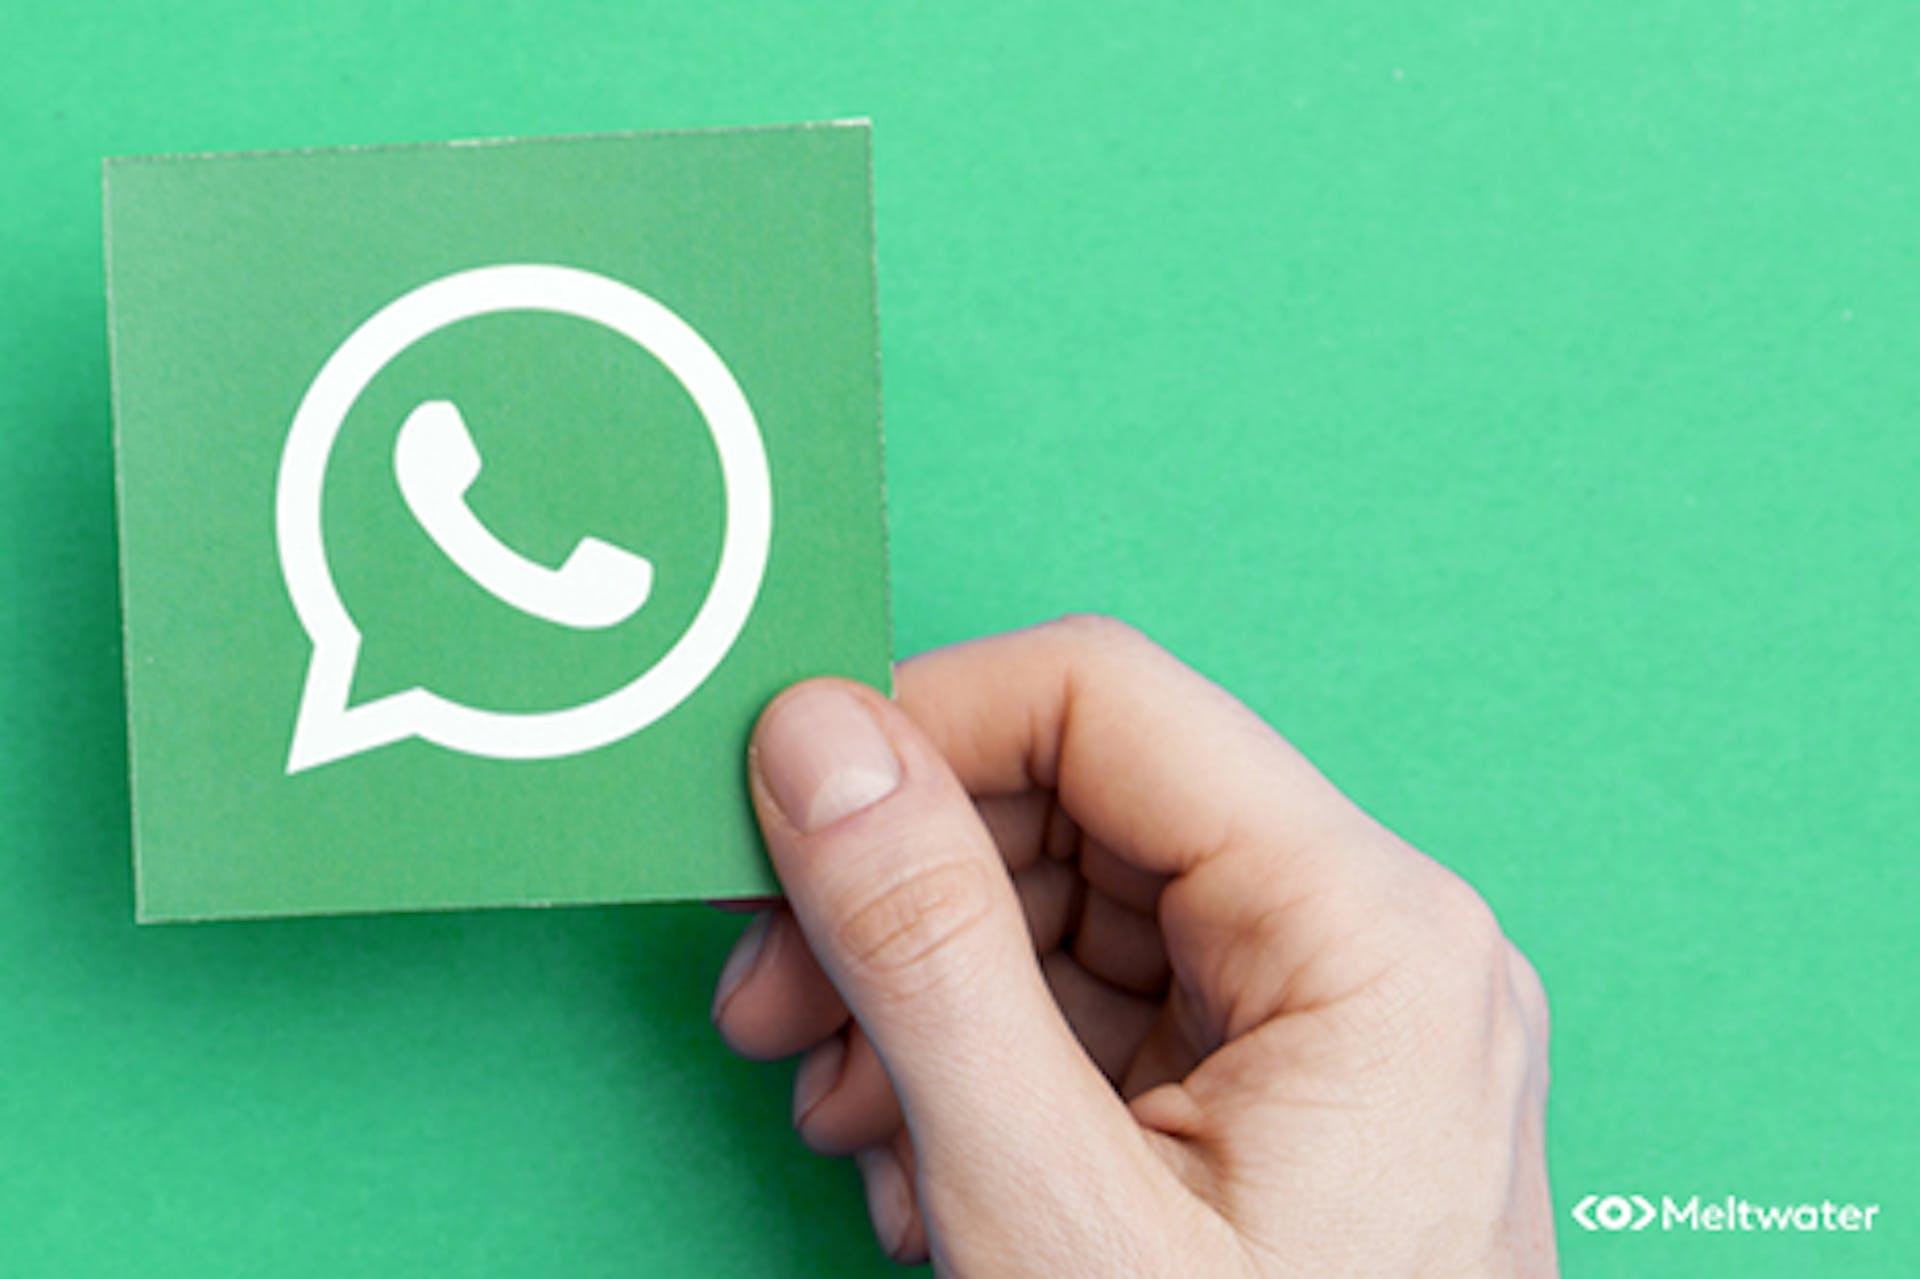 Grüner Hintergrund mit Whatsapp Icon in einer Hand Aufschrift Messenger Marketing